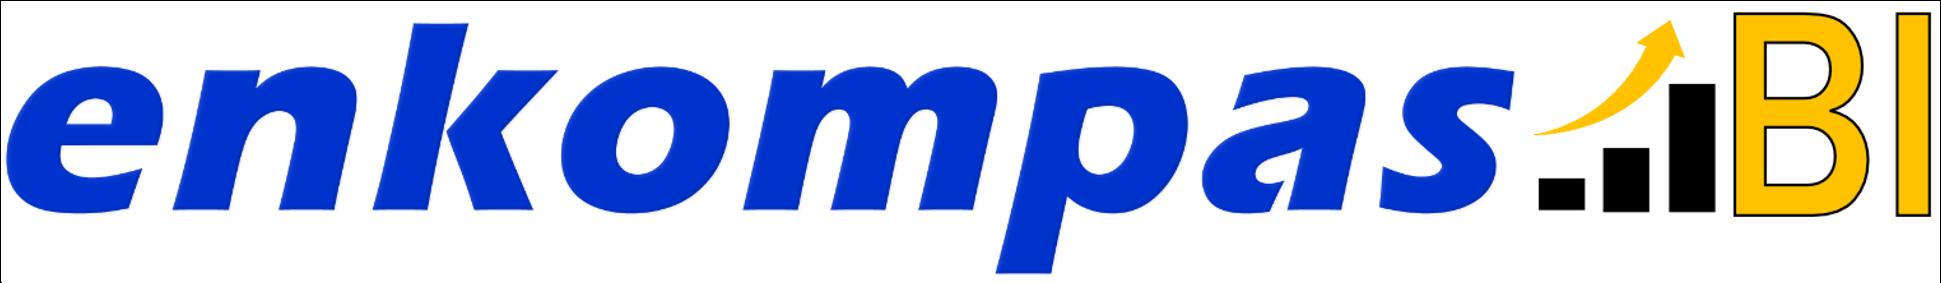 enkompas BI Logo